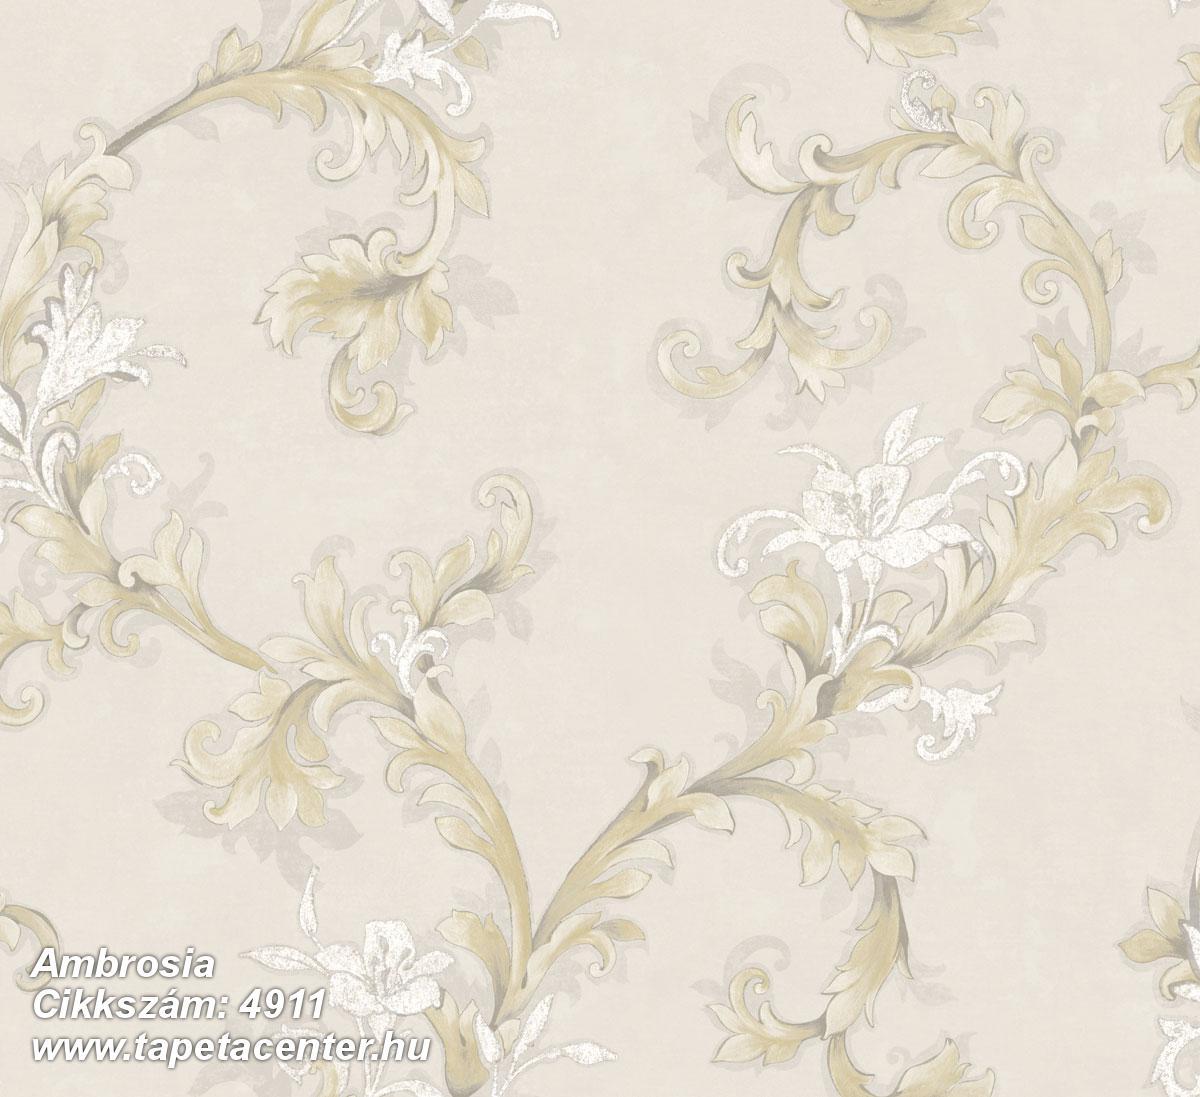 Ambrosia - 4911 Olasz tapéta